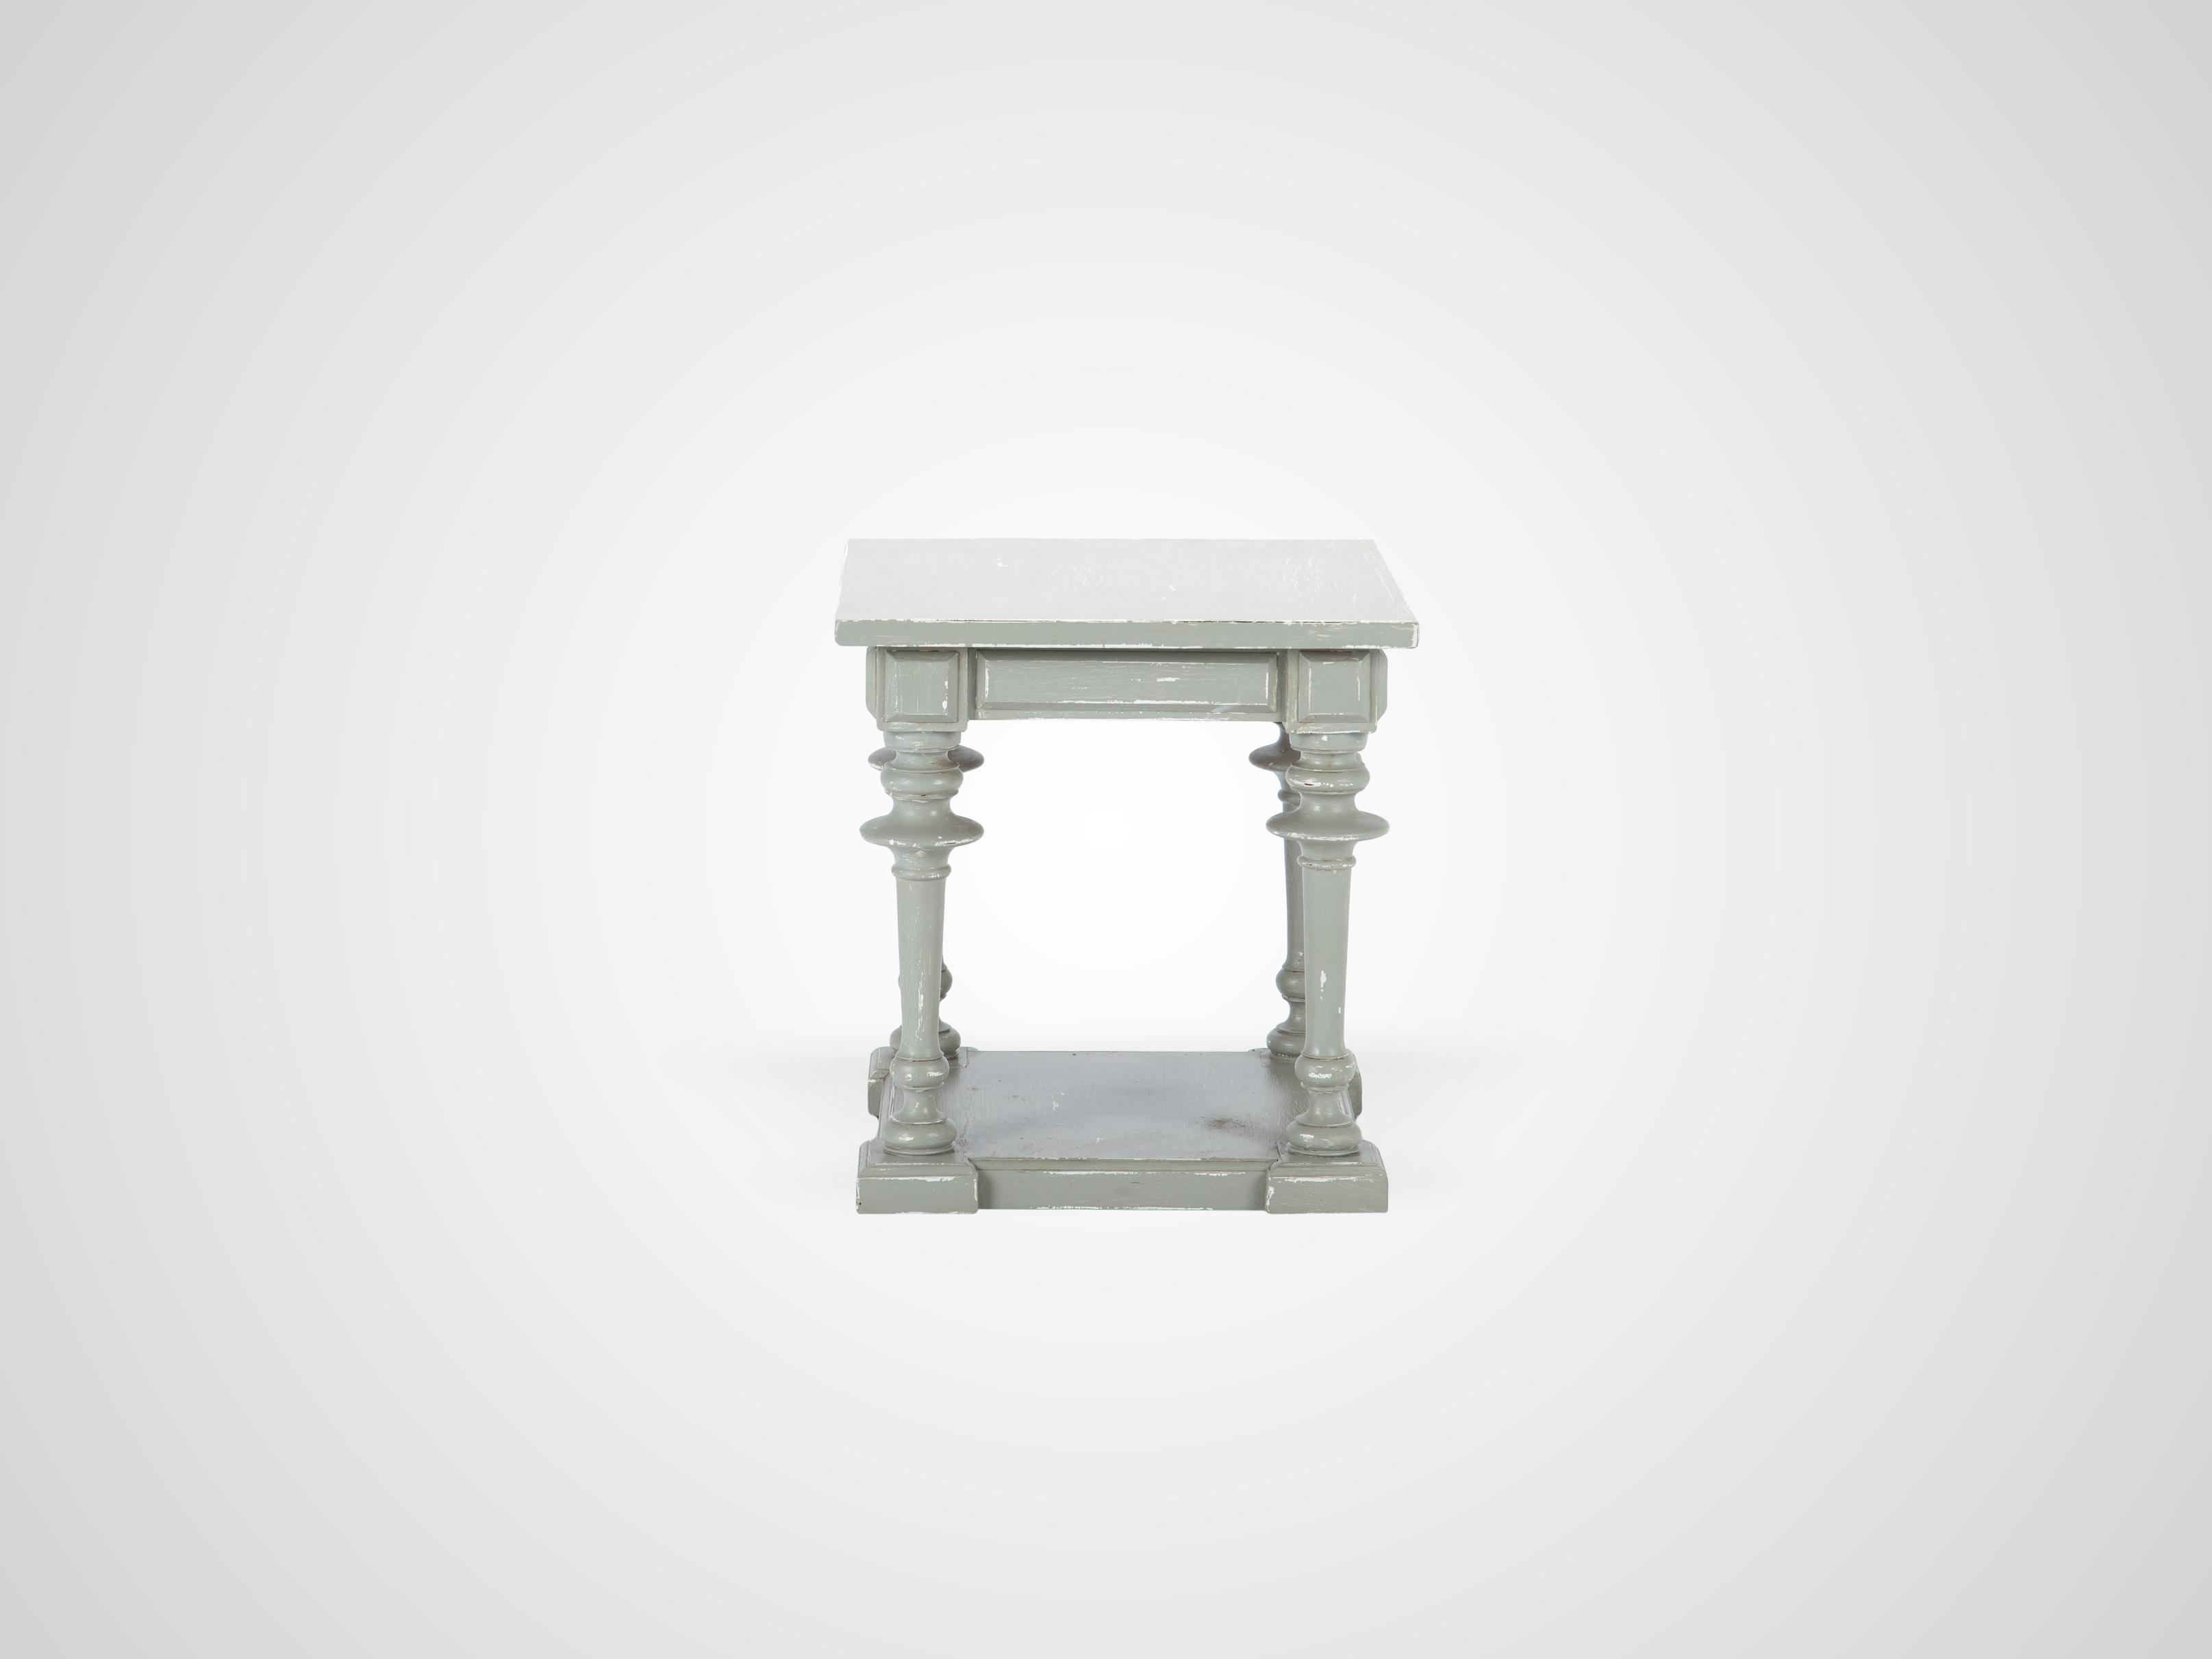 Купить Ламповый столик на резных ножках из дерева махагони 61x58x58 см, inmyroom, Индонезия